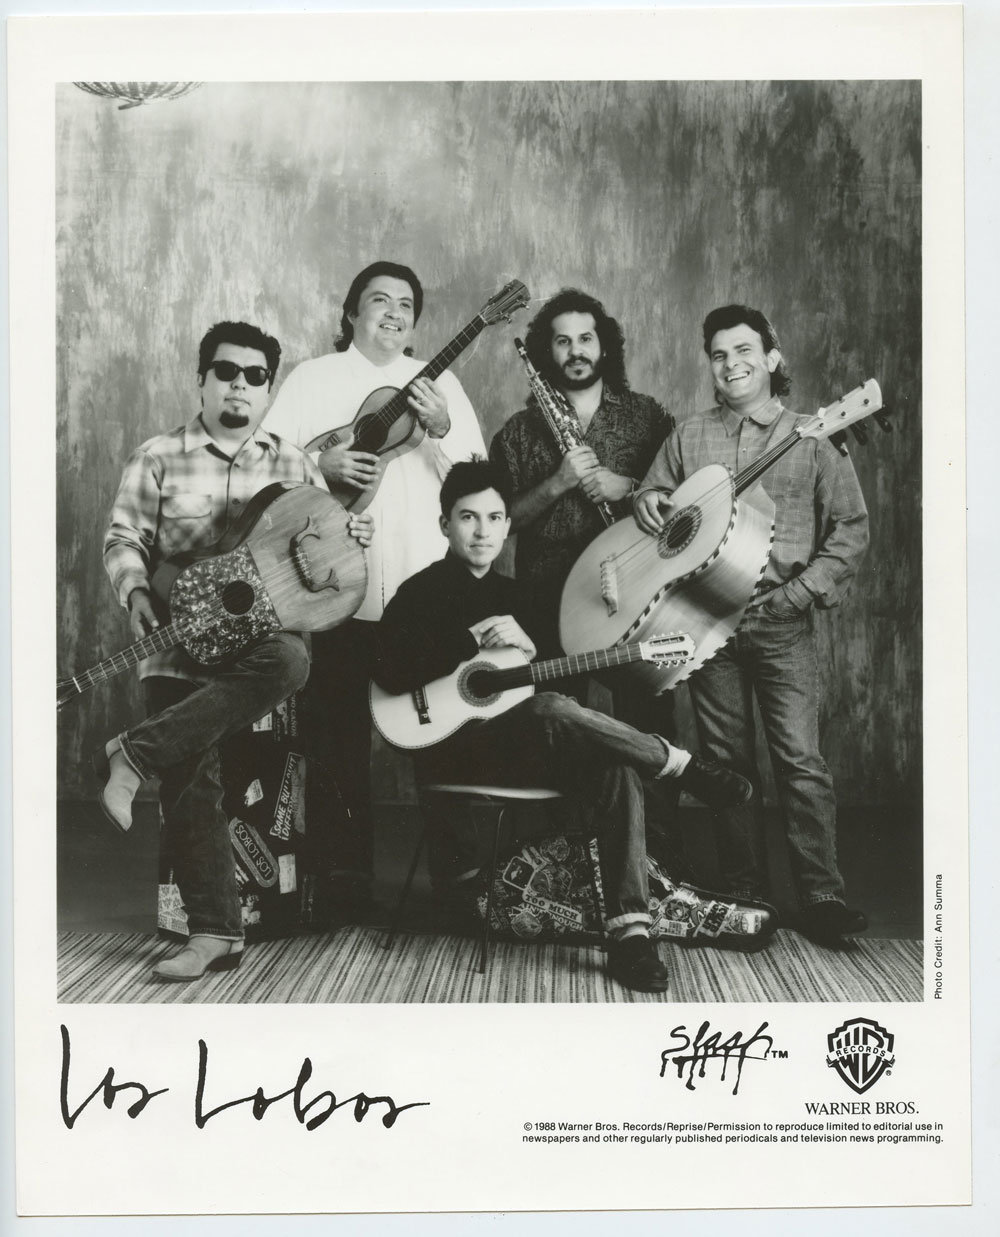 Los Lobos Photo 1988 Publicity Promo Warner Bros Records